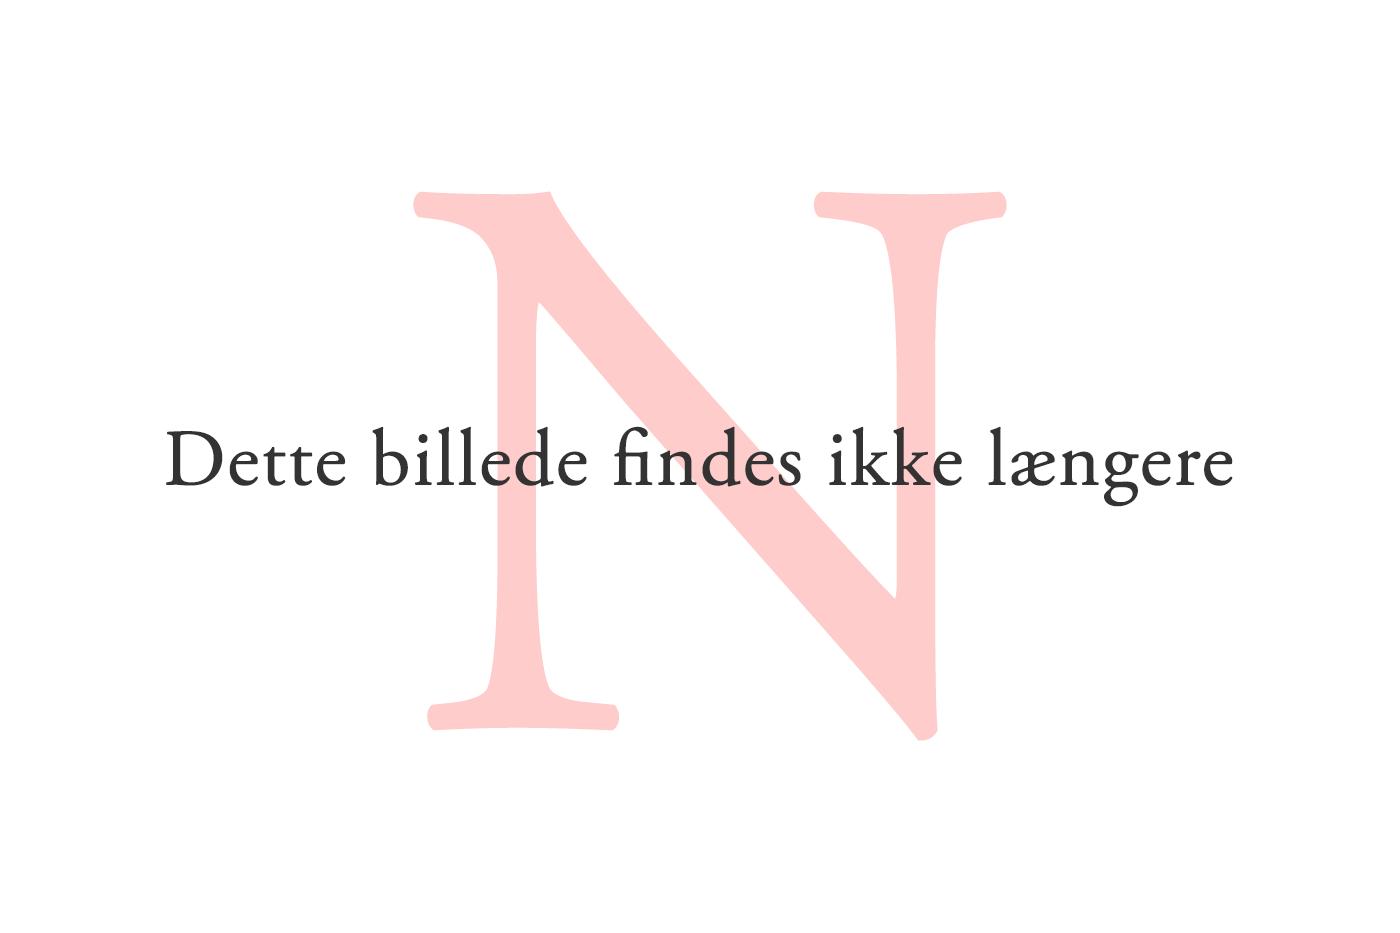 Mange danskere melder i dag om hjemsøgelser i deres hjem. Foto: Guian Bolisay, Flickr